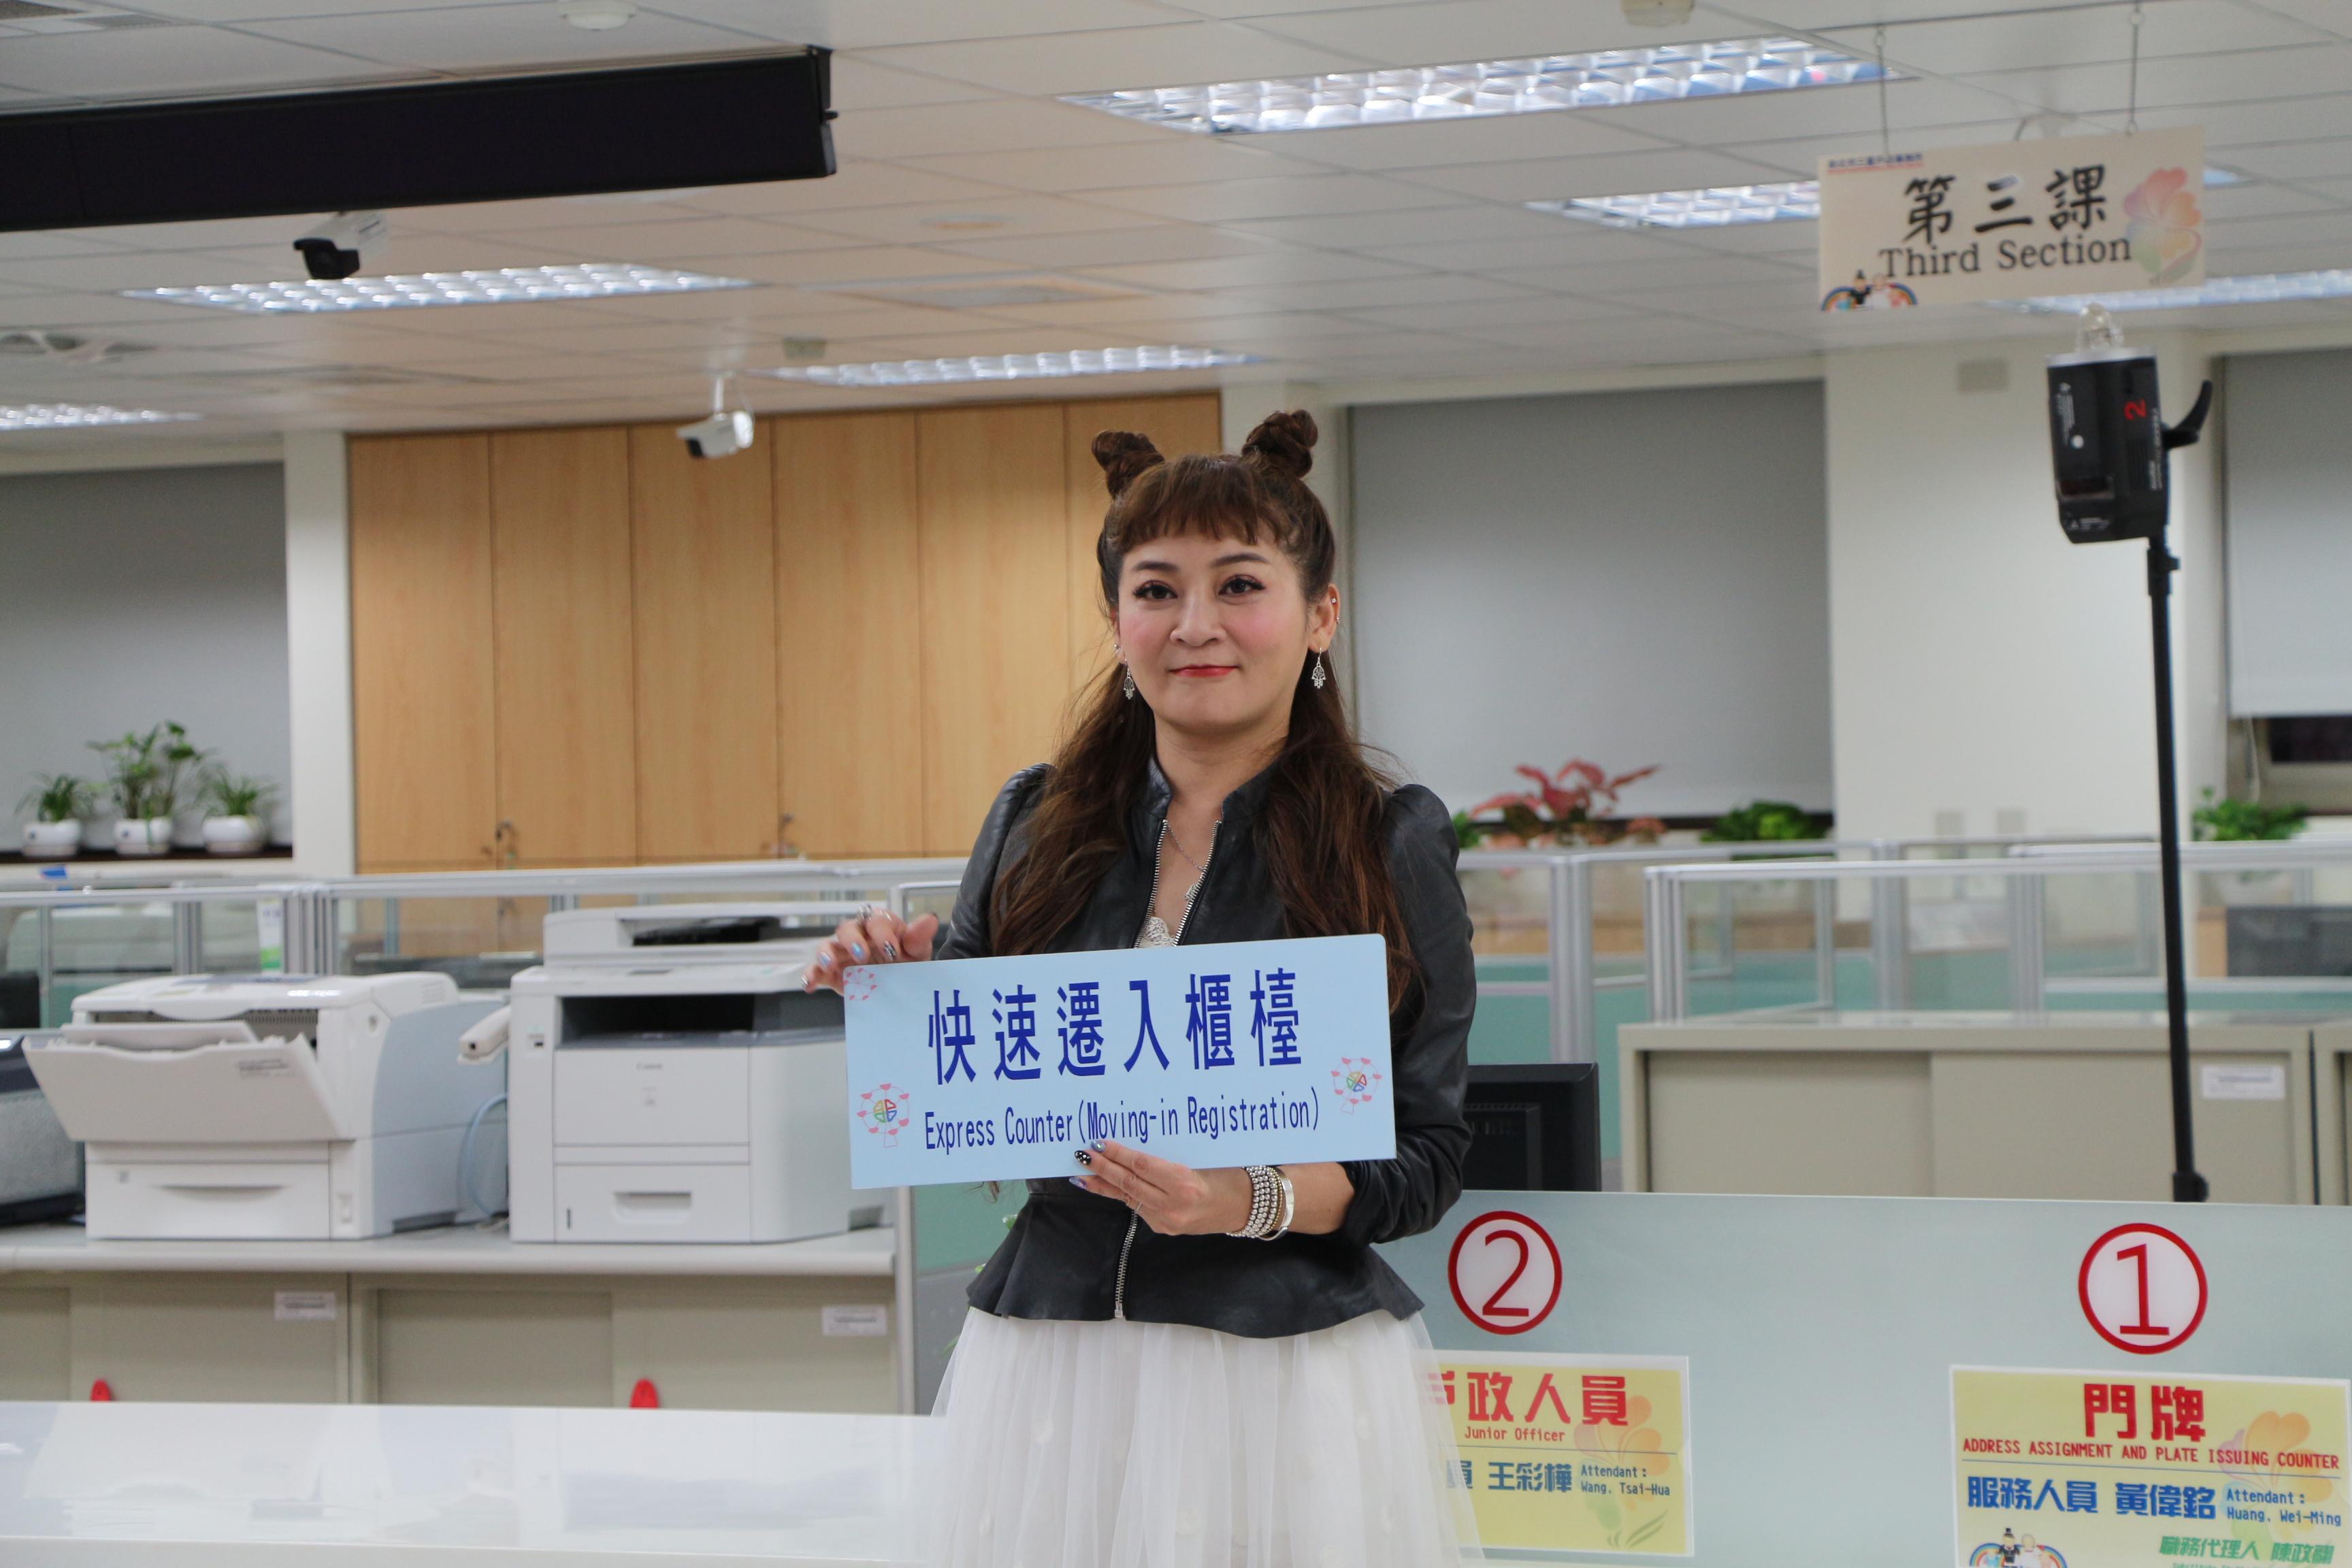 活動代言人王彩樺今(16)日現身三重戶所,受理快速遷入服務,讓臨櫃民眾驚呼不已